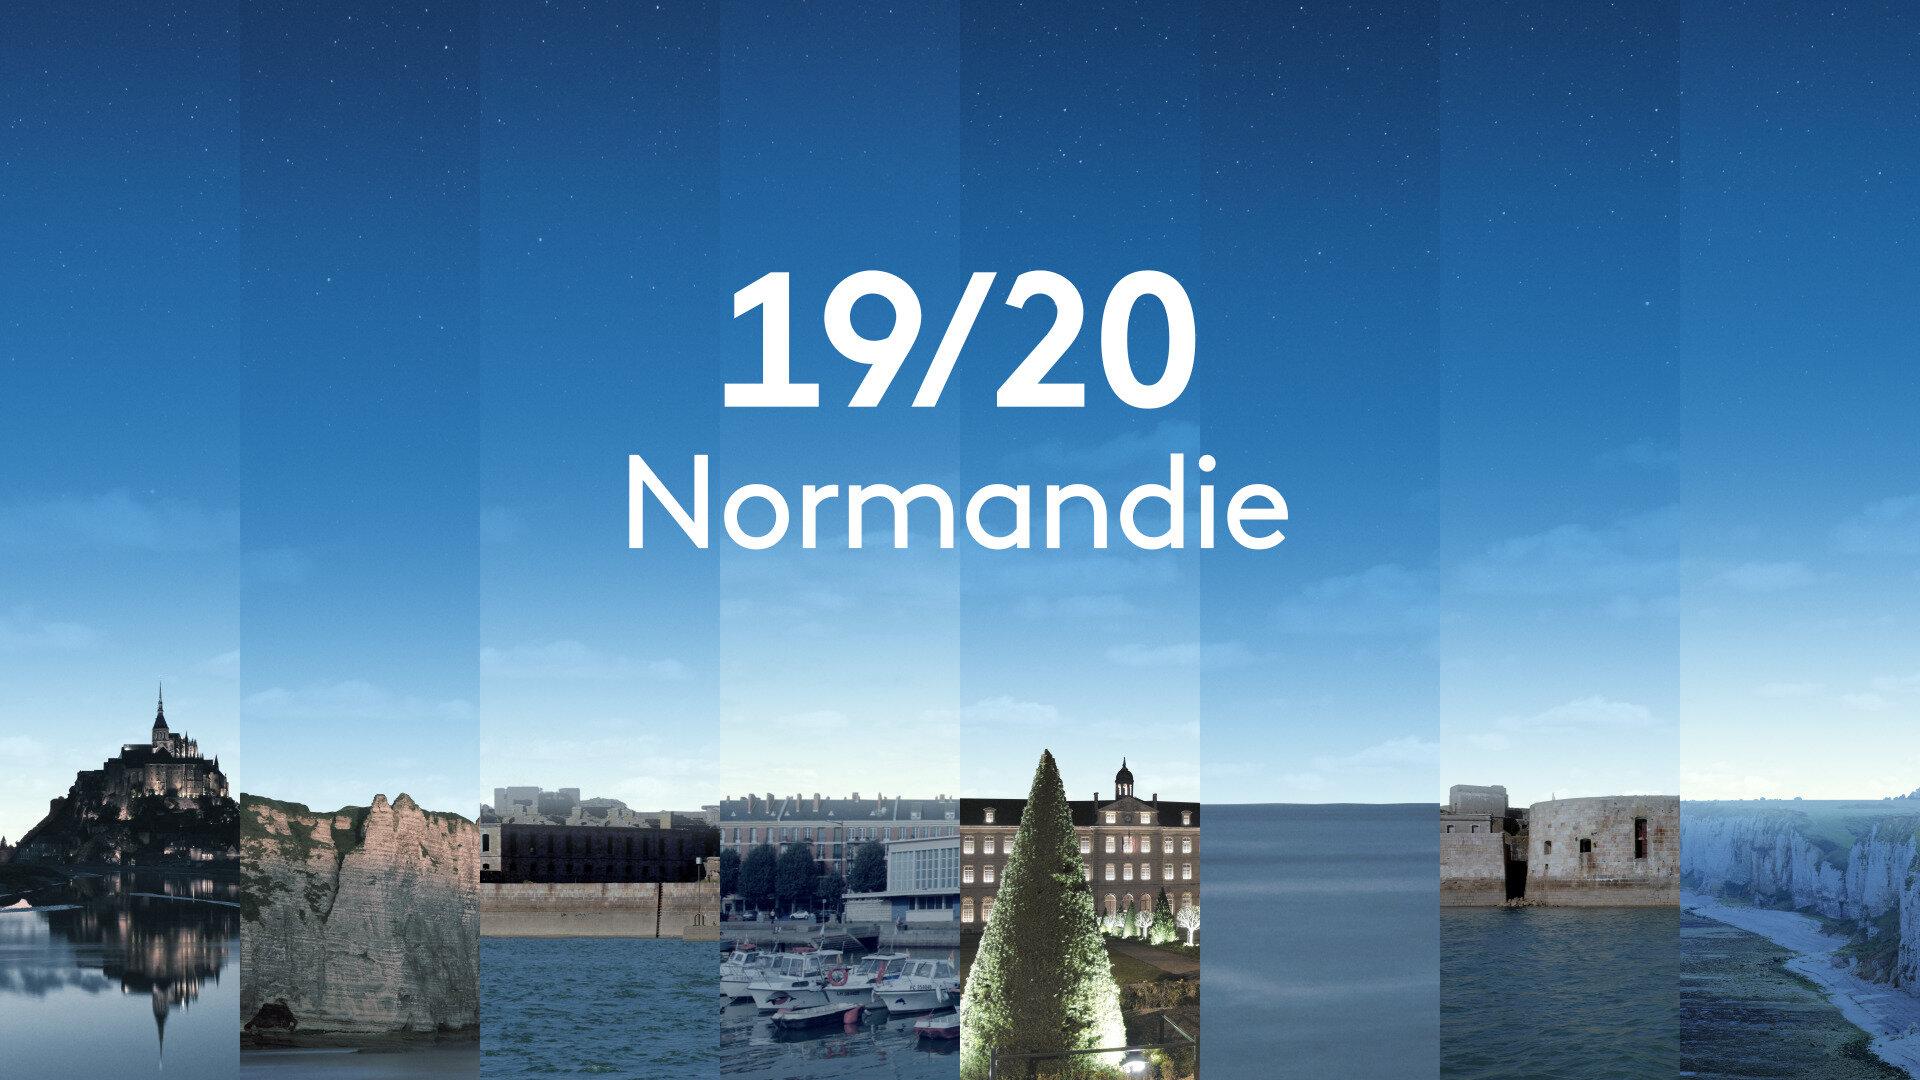 19/20 Normandie : Sur la route des ponts avec Stéphane Gérain